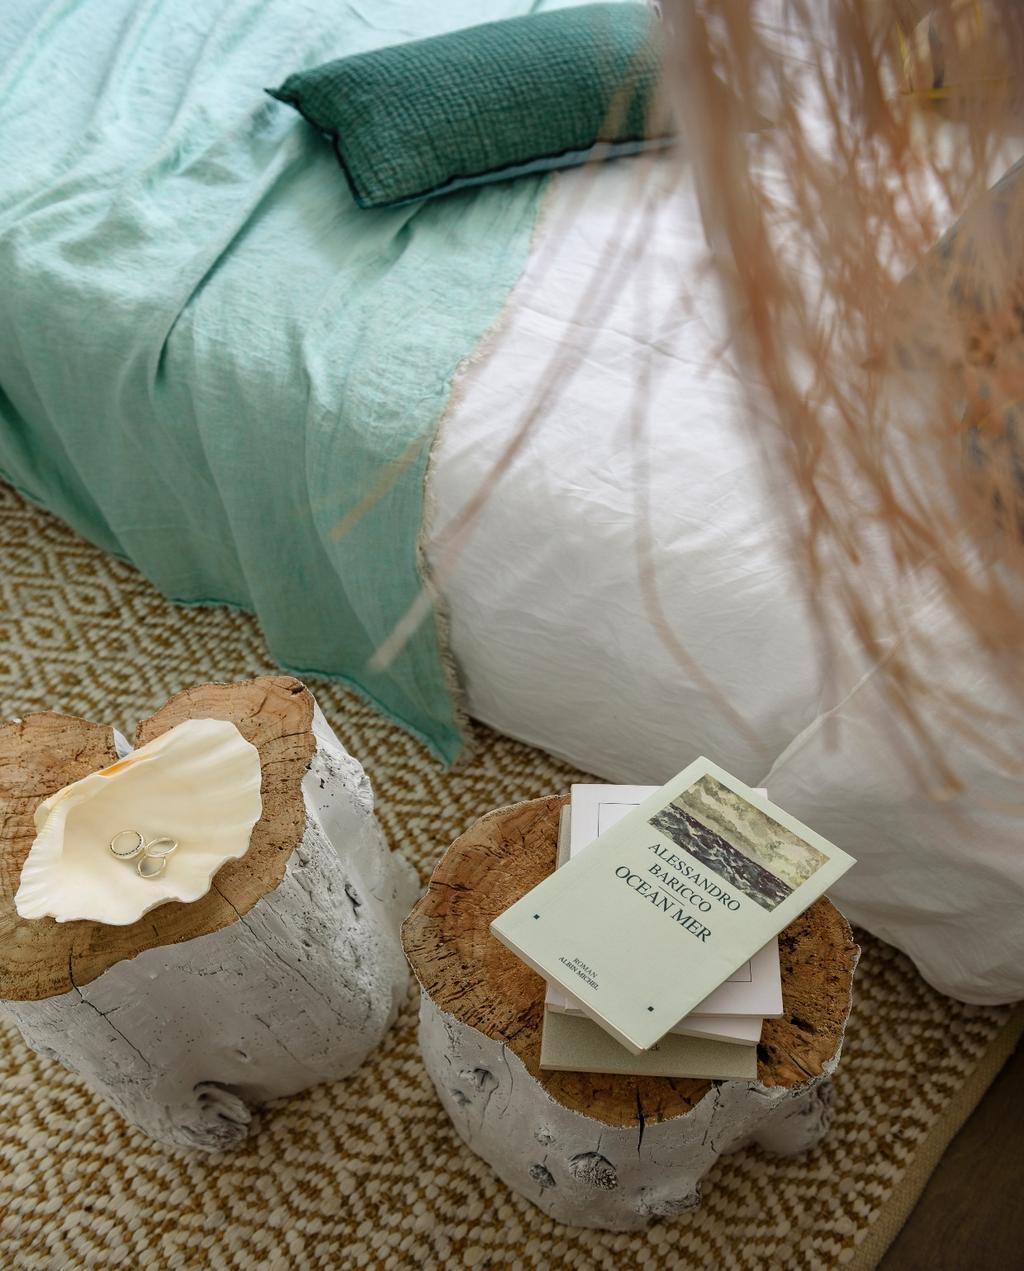 vtwonen 07-2020 | binnenkijken cannes strandhuis slaapkamer bed met boomstammen als nachtkastje